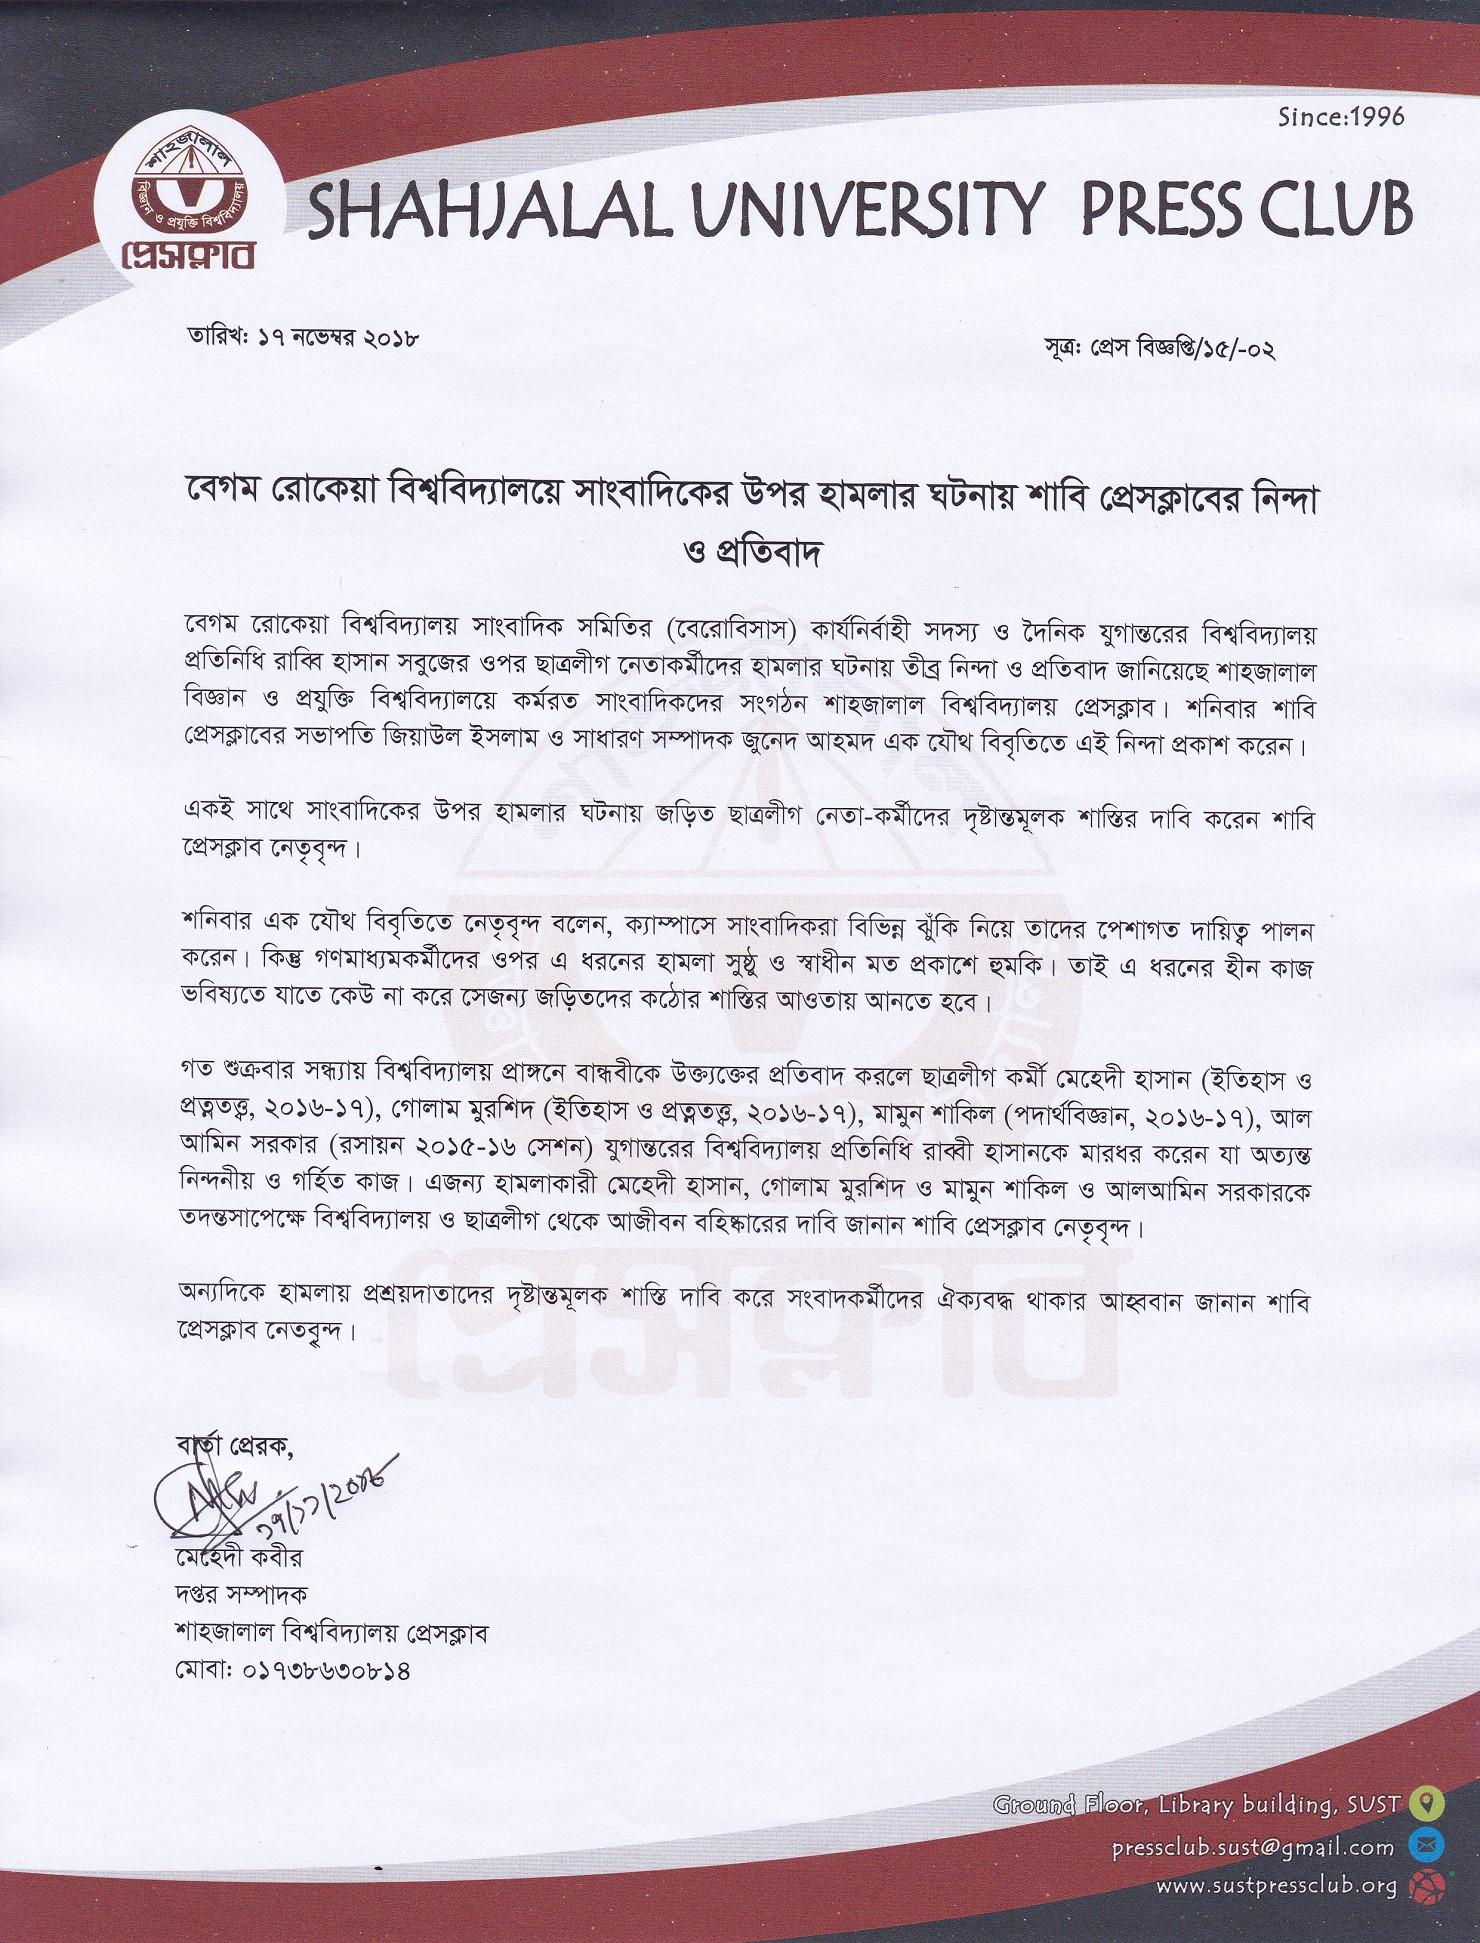 বেগম রোকেয়া বিশ্ববিদ্যালয়ের সাংবাদিকদের উপর হামলার ঘটনায় শাবি প্রেসক্লাবের নিন্দা ও প্রতিবাদ